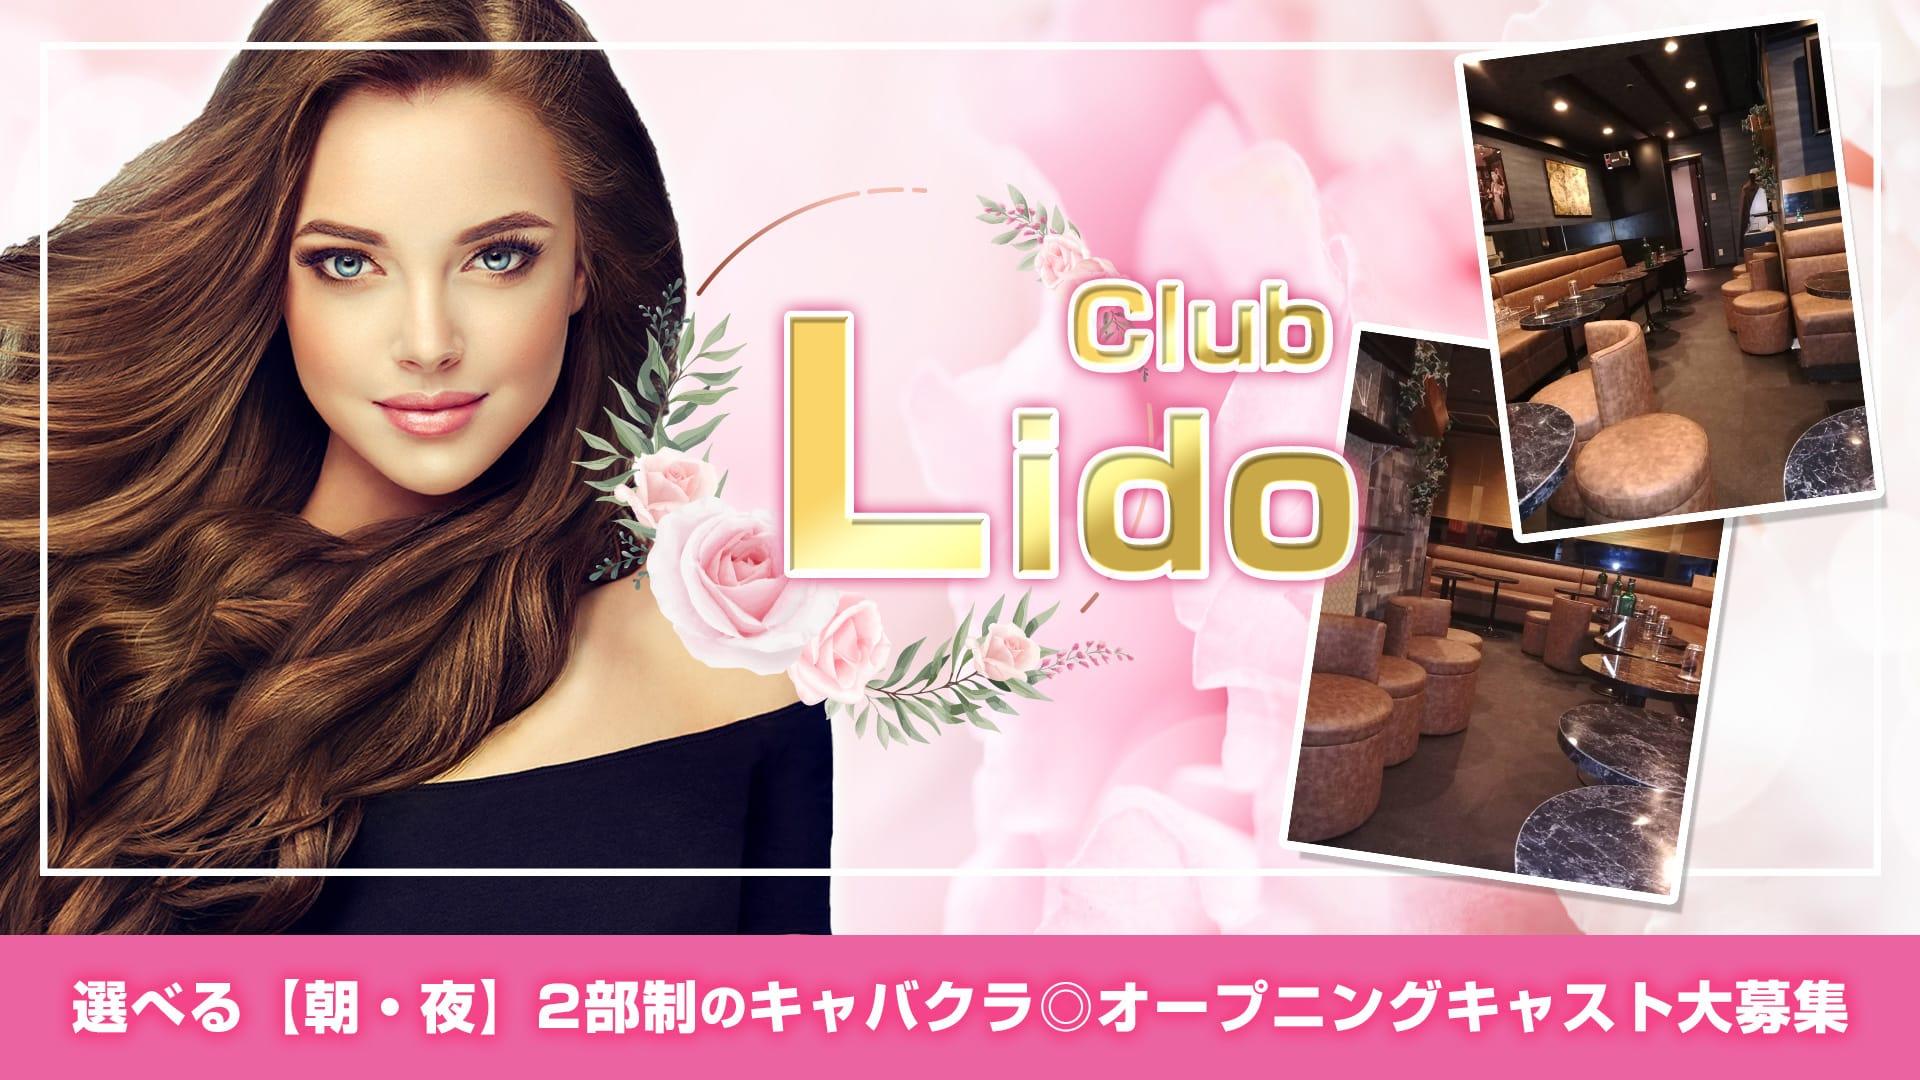 【朝・夜】Club Lido(リド) 渋谷昼キャバ・朝キャバ TOP画像